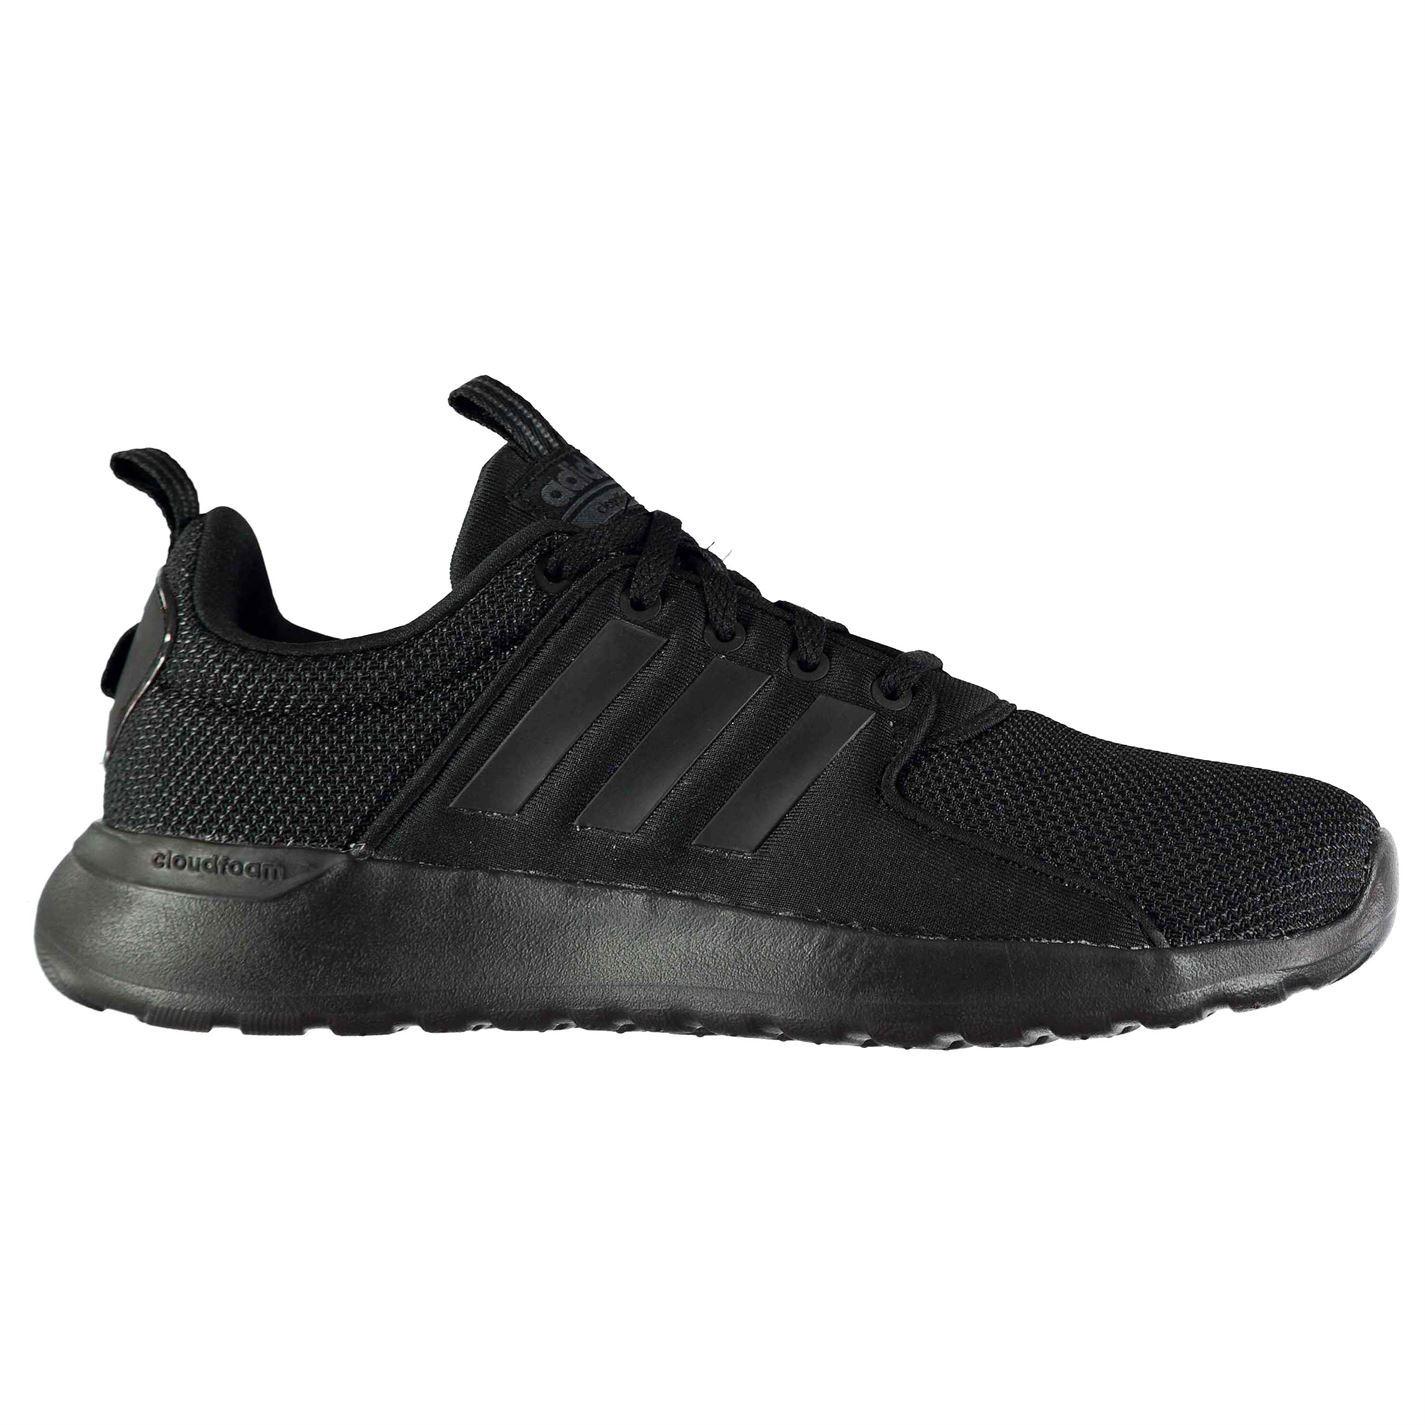 adidas cloudfoam lite racer mens signori i lacci delle scarpe